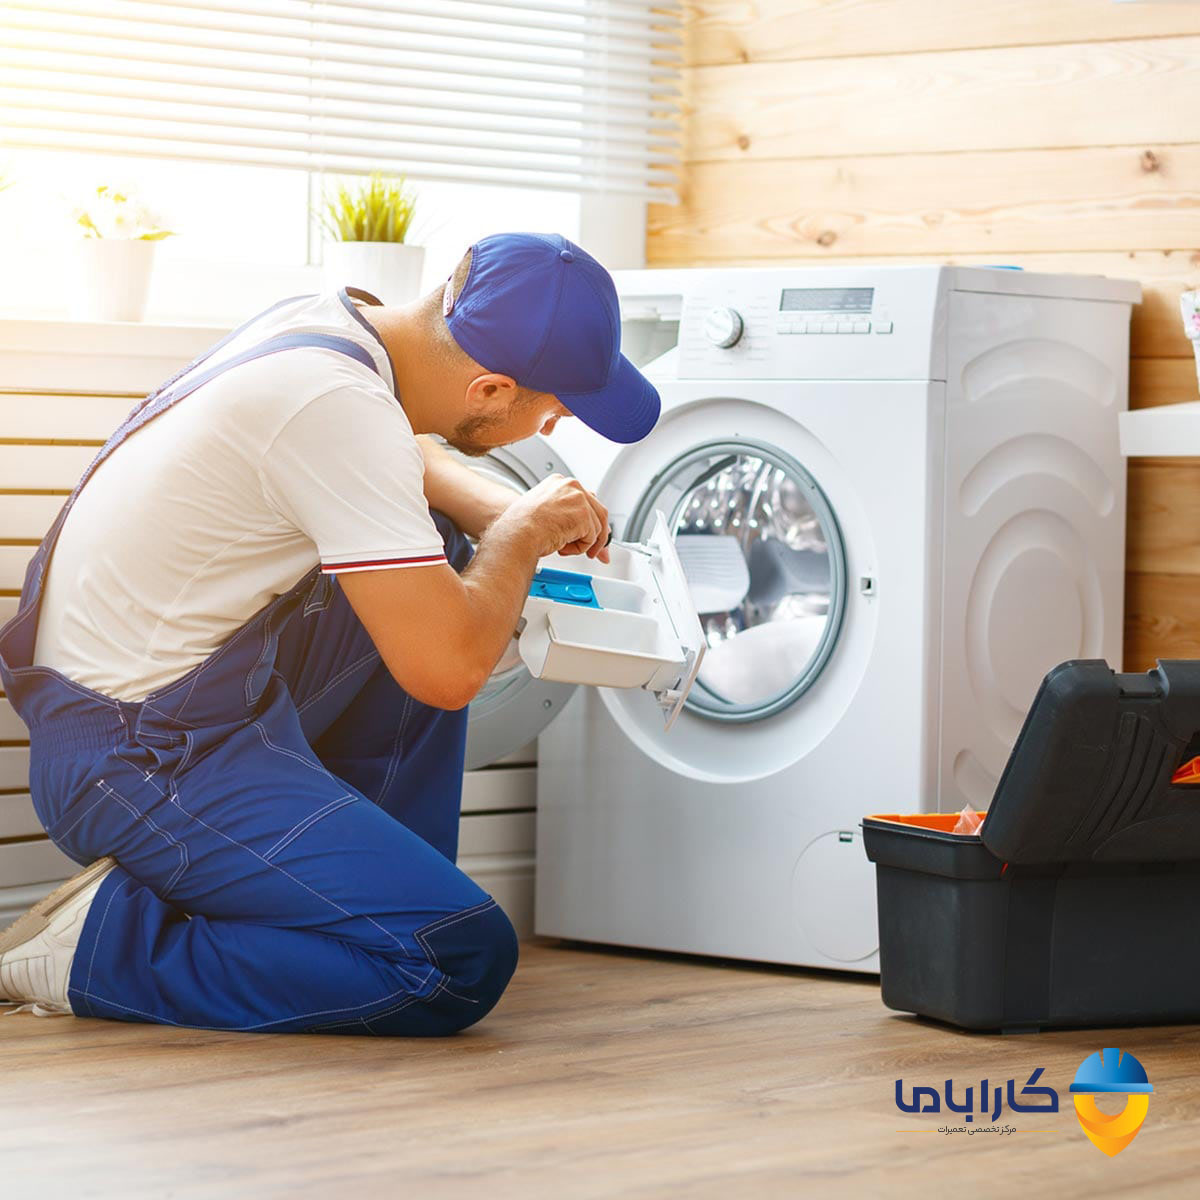 کد خطا یا ارور ماشین لباسشویی آاگ